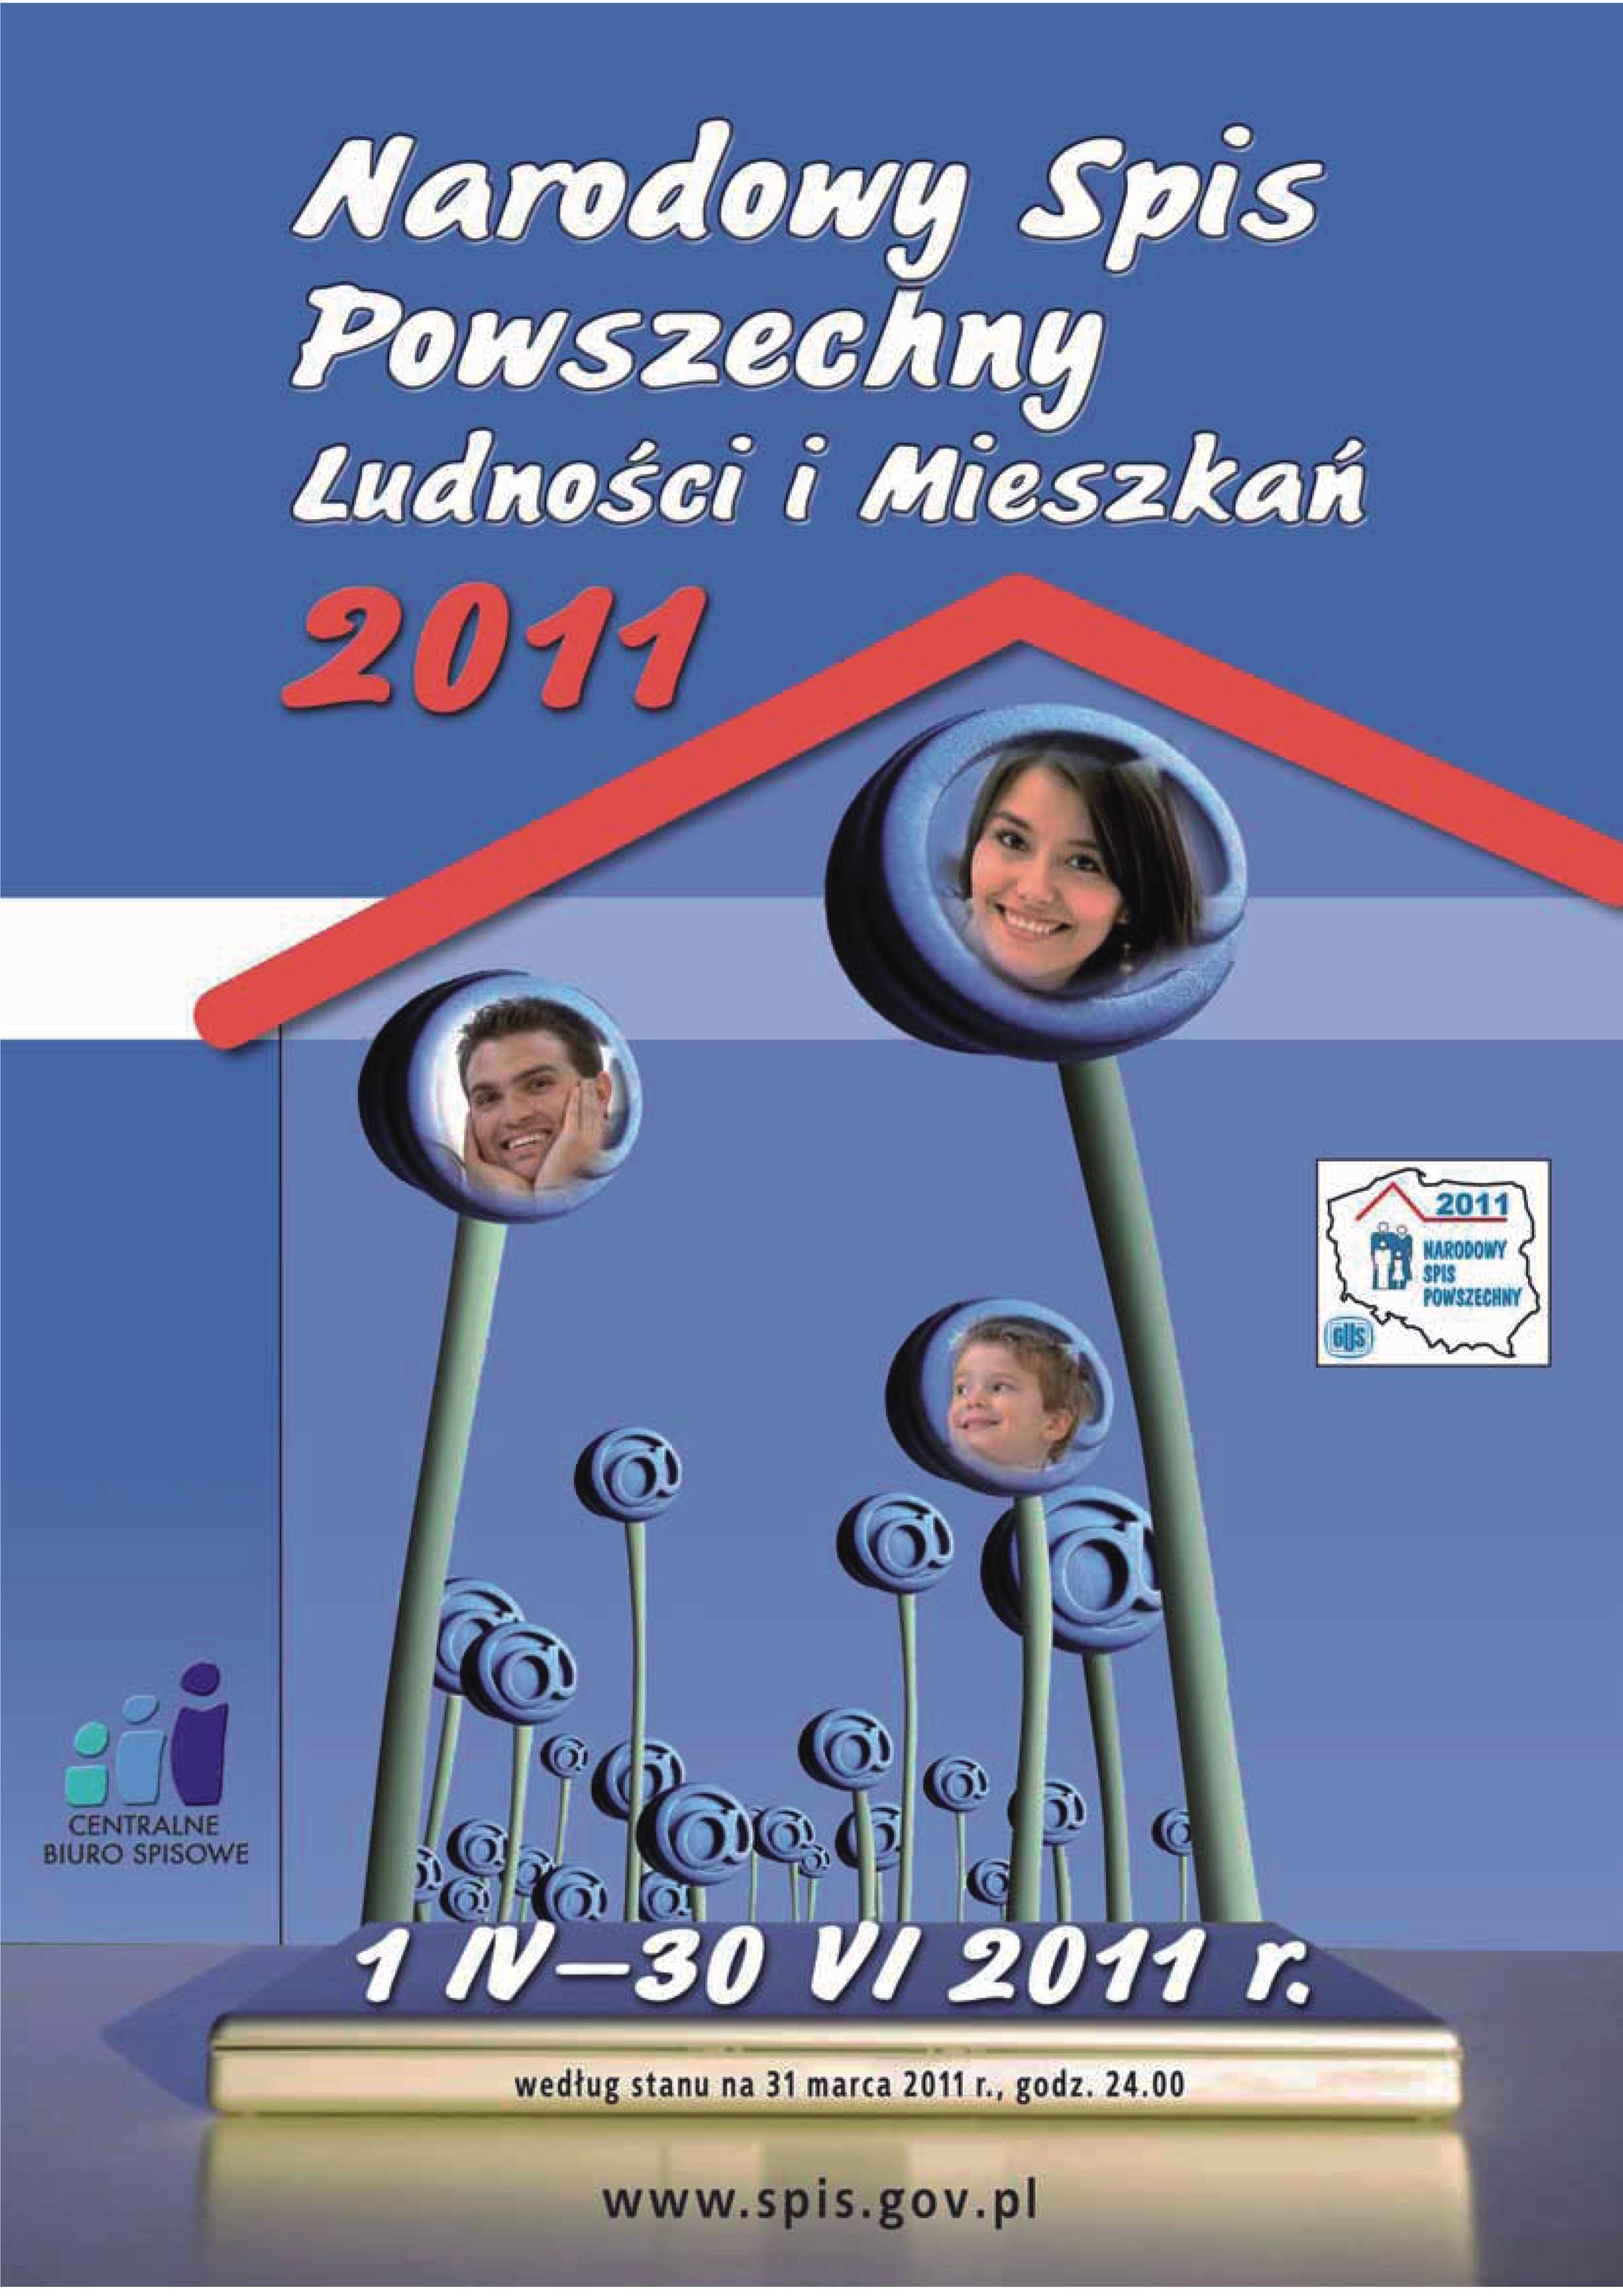 Narodowy Spis powrzechny Ludności i Mieszkań 2011